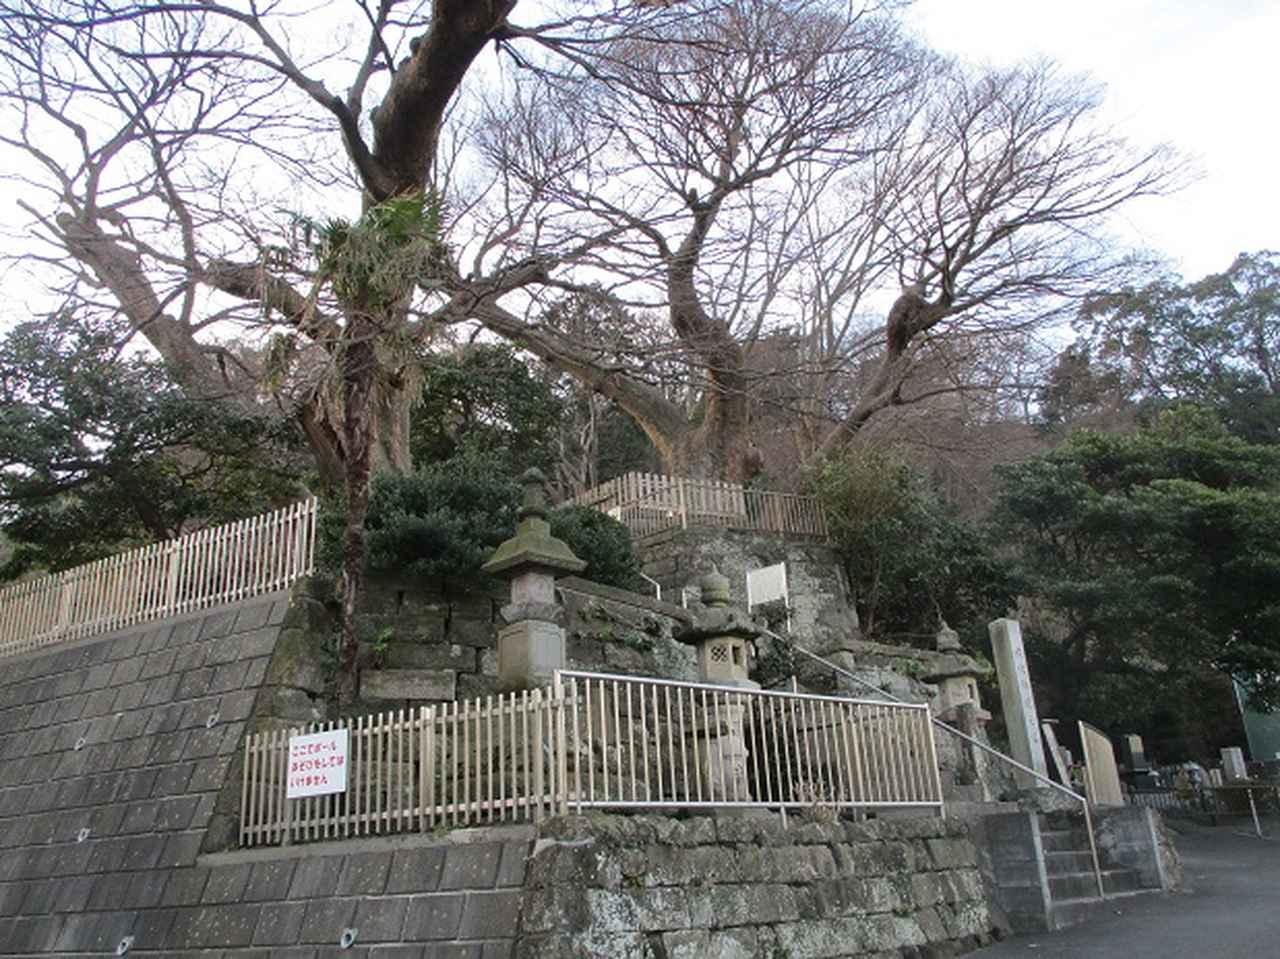 画像1: 【山旅会・登山ガイドこだわりツアー】添乗員からの便り・阿部倉山から二子山ツアーの下見にいってまいりました!